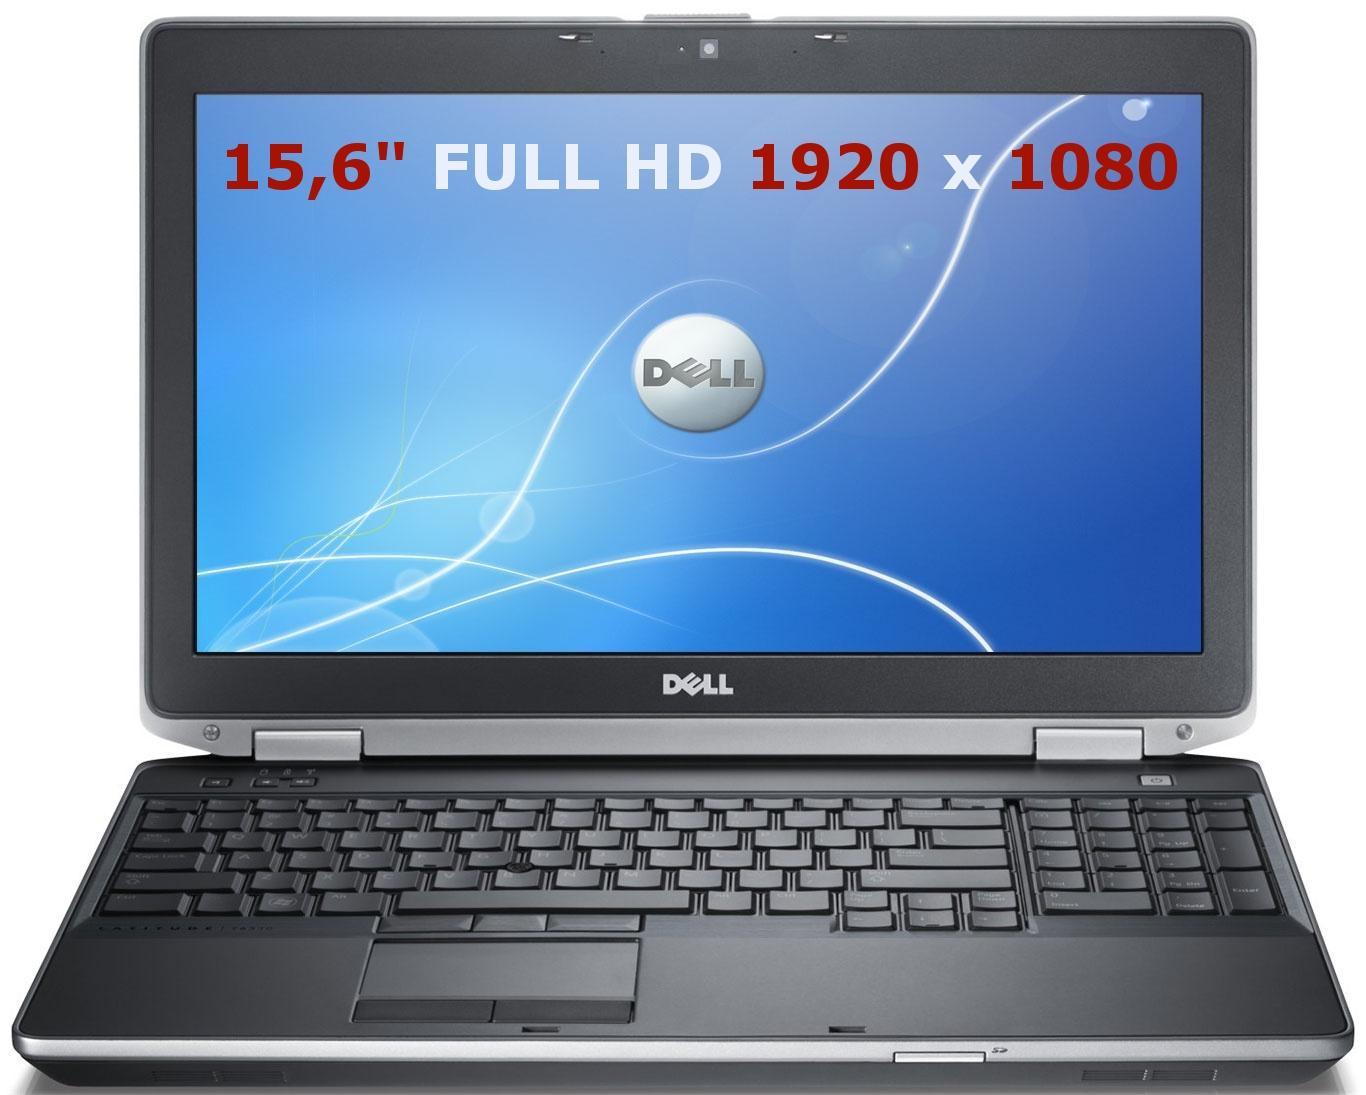 Dell Latitude E6530 SSD